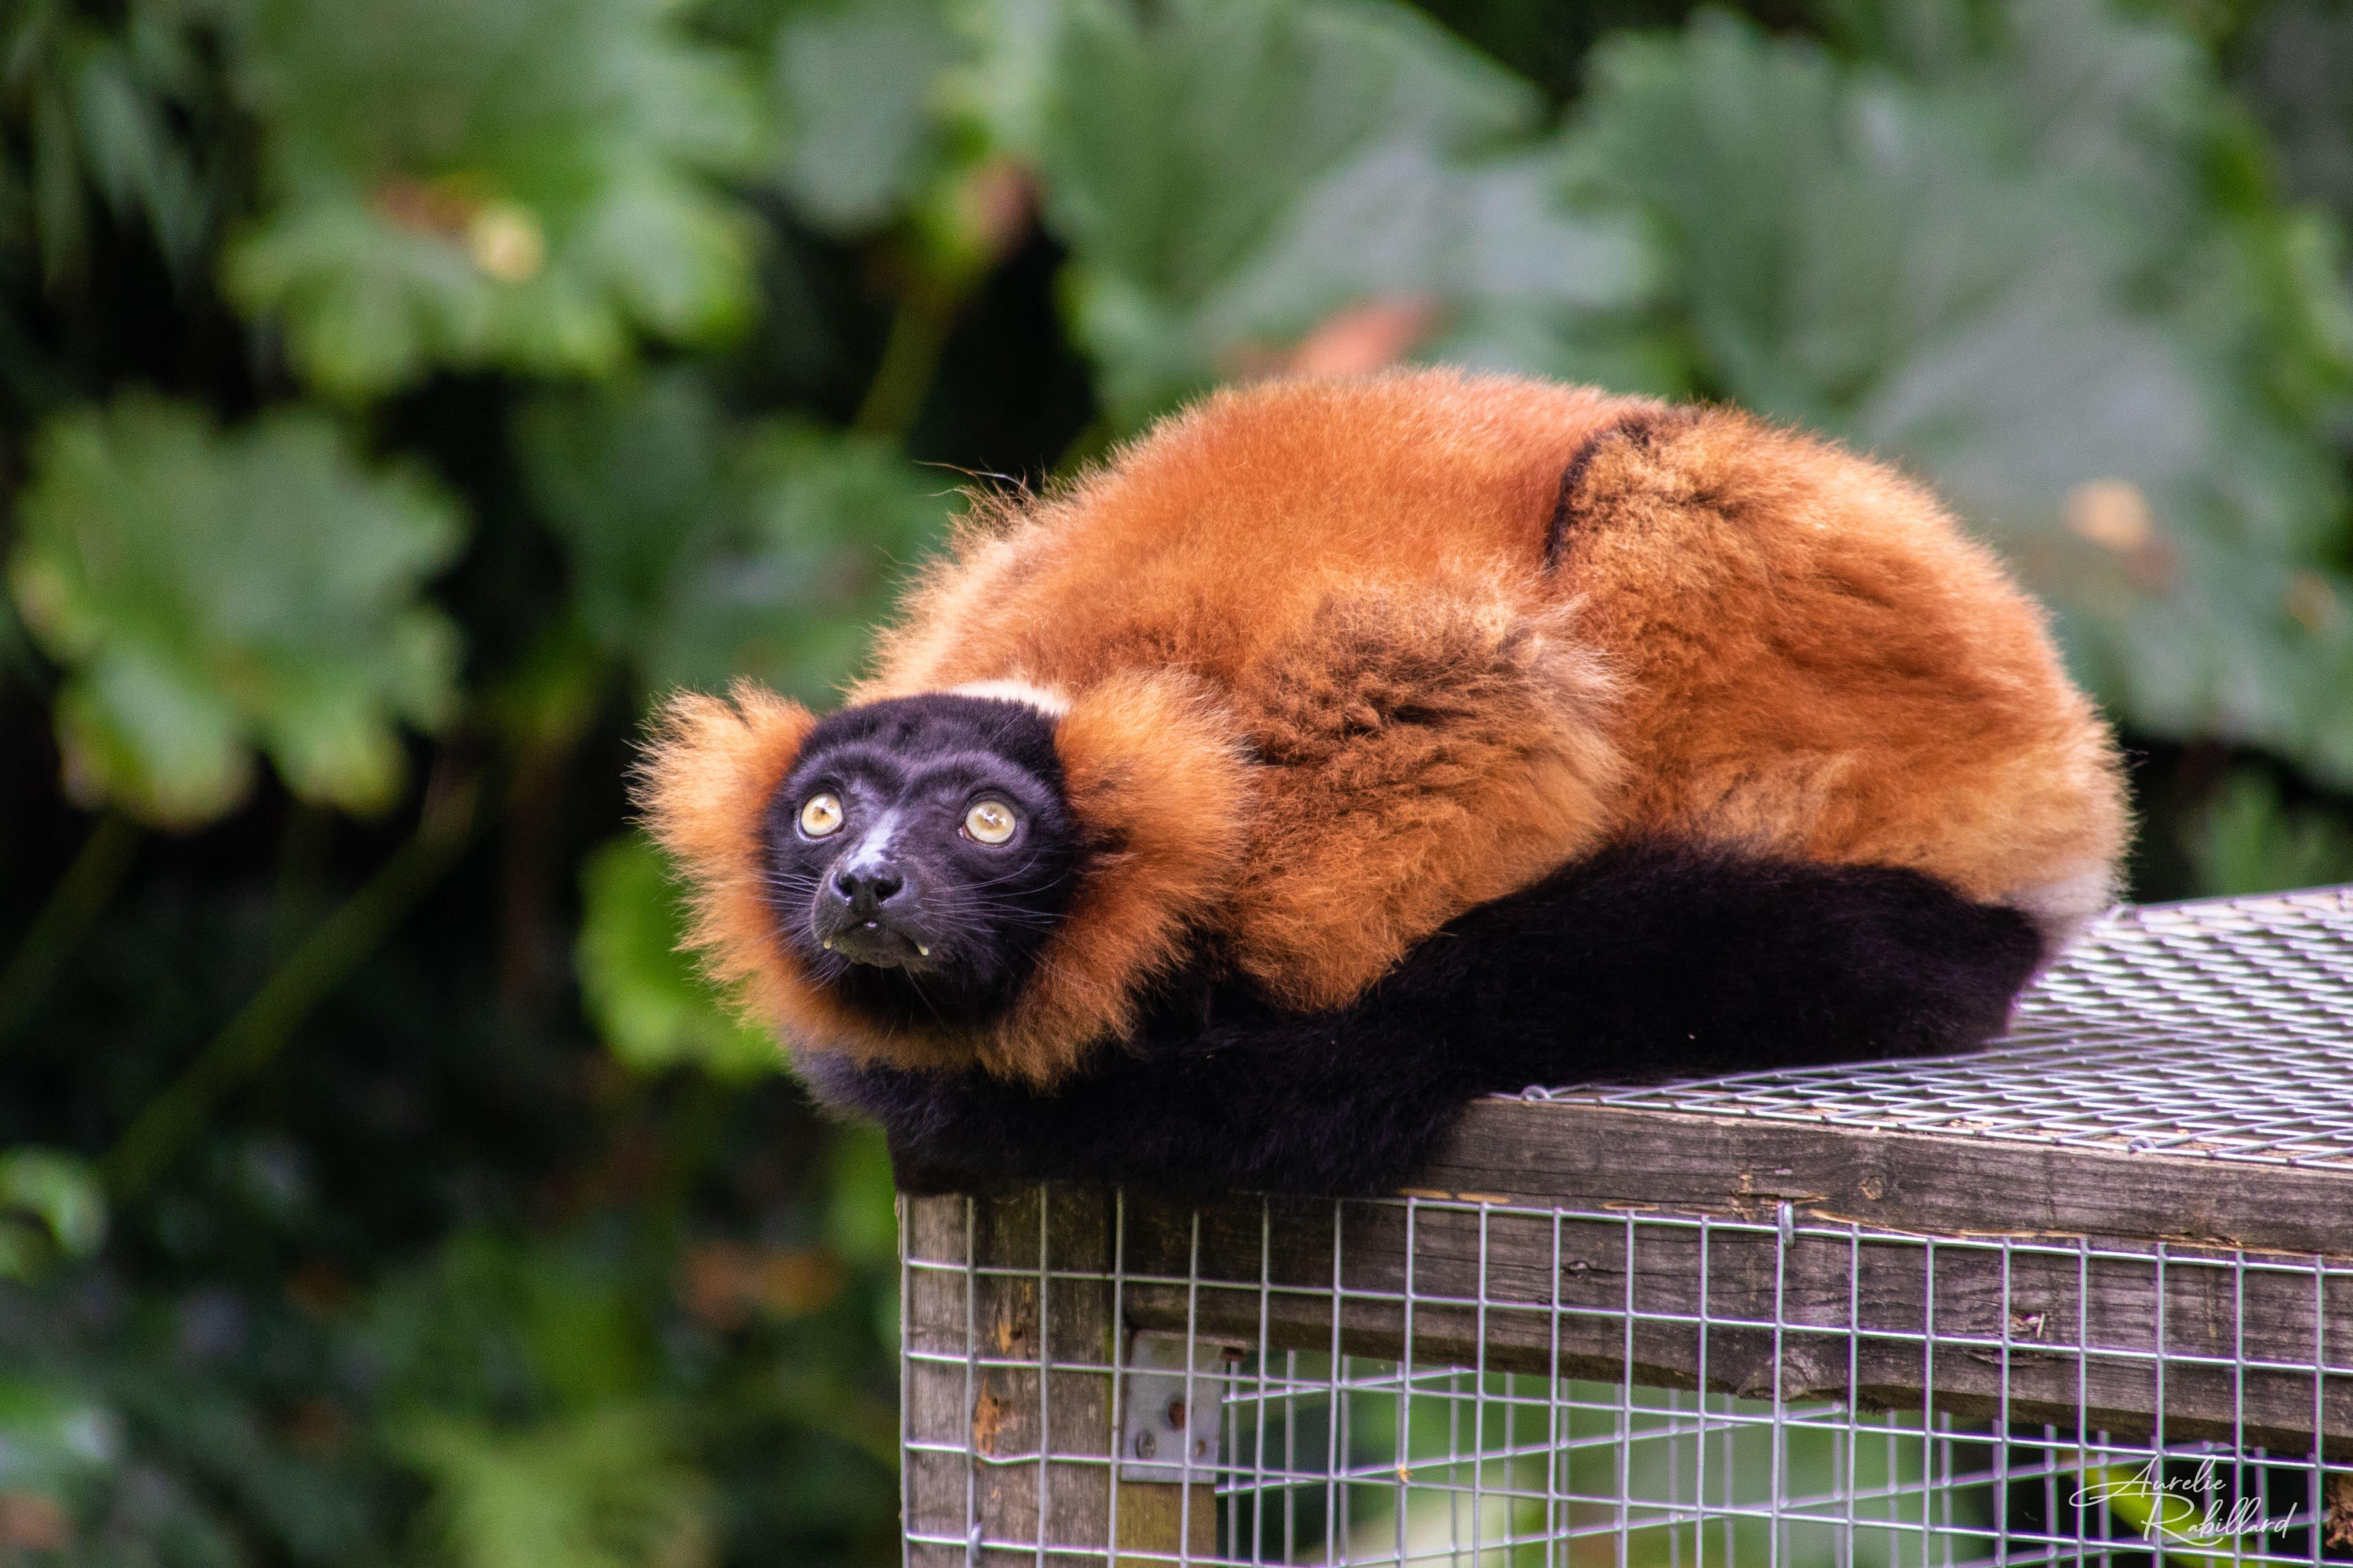 Le parc zoologique de Champrepus est un parc zoologique français privé situé sur la route Villedieu-